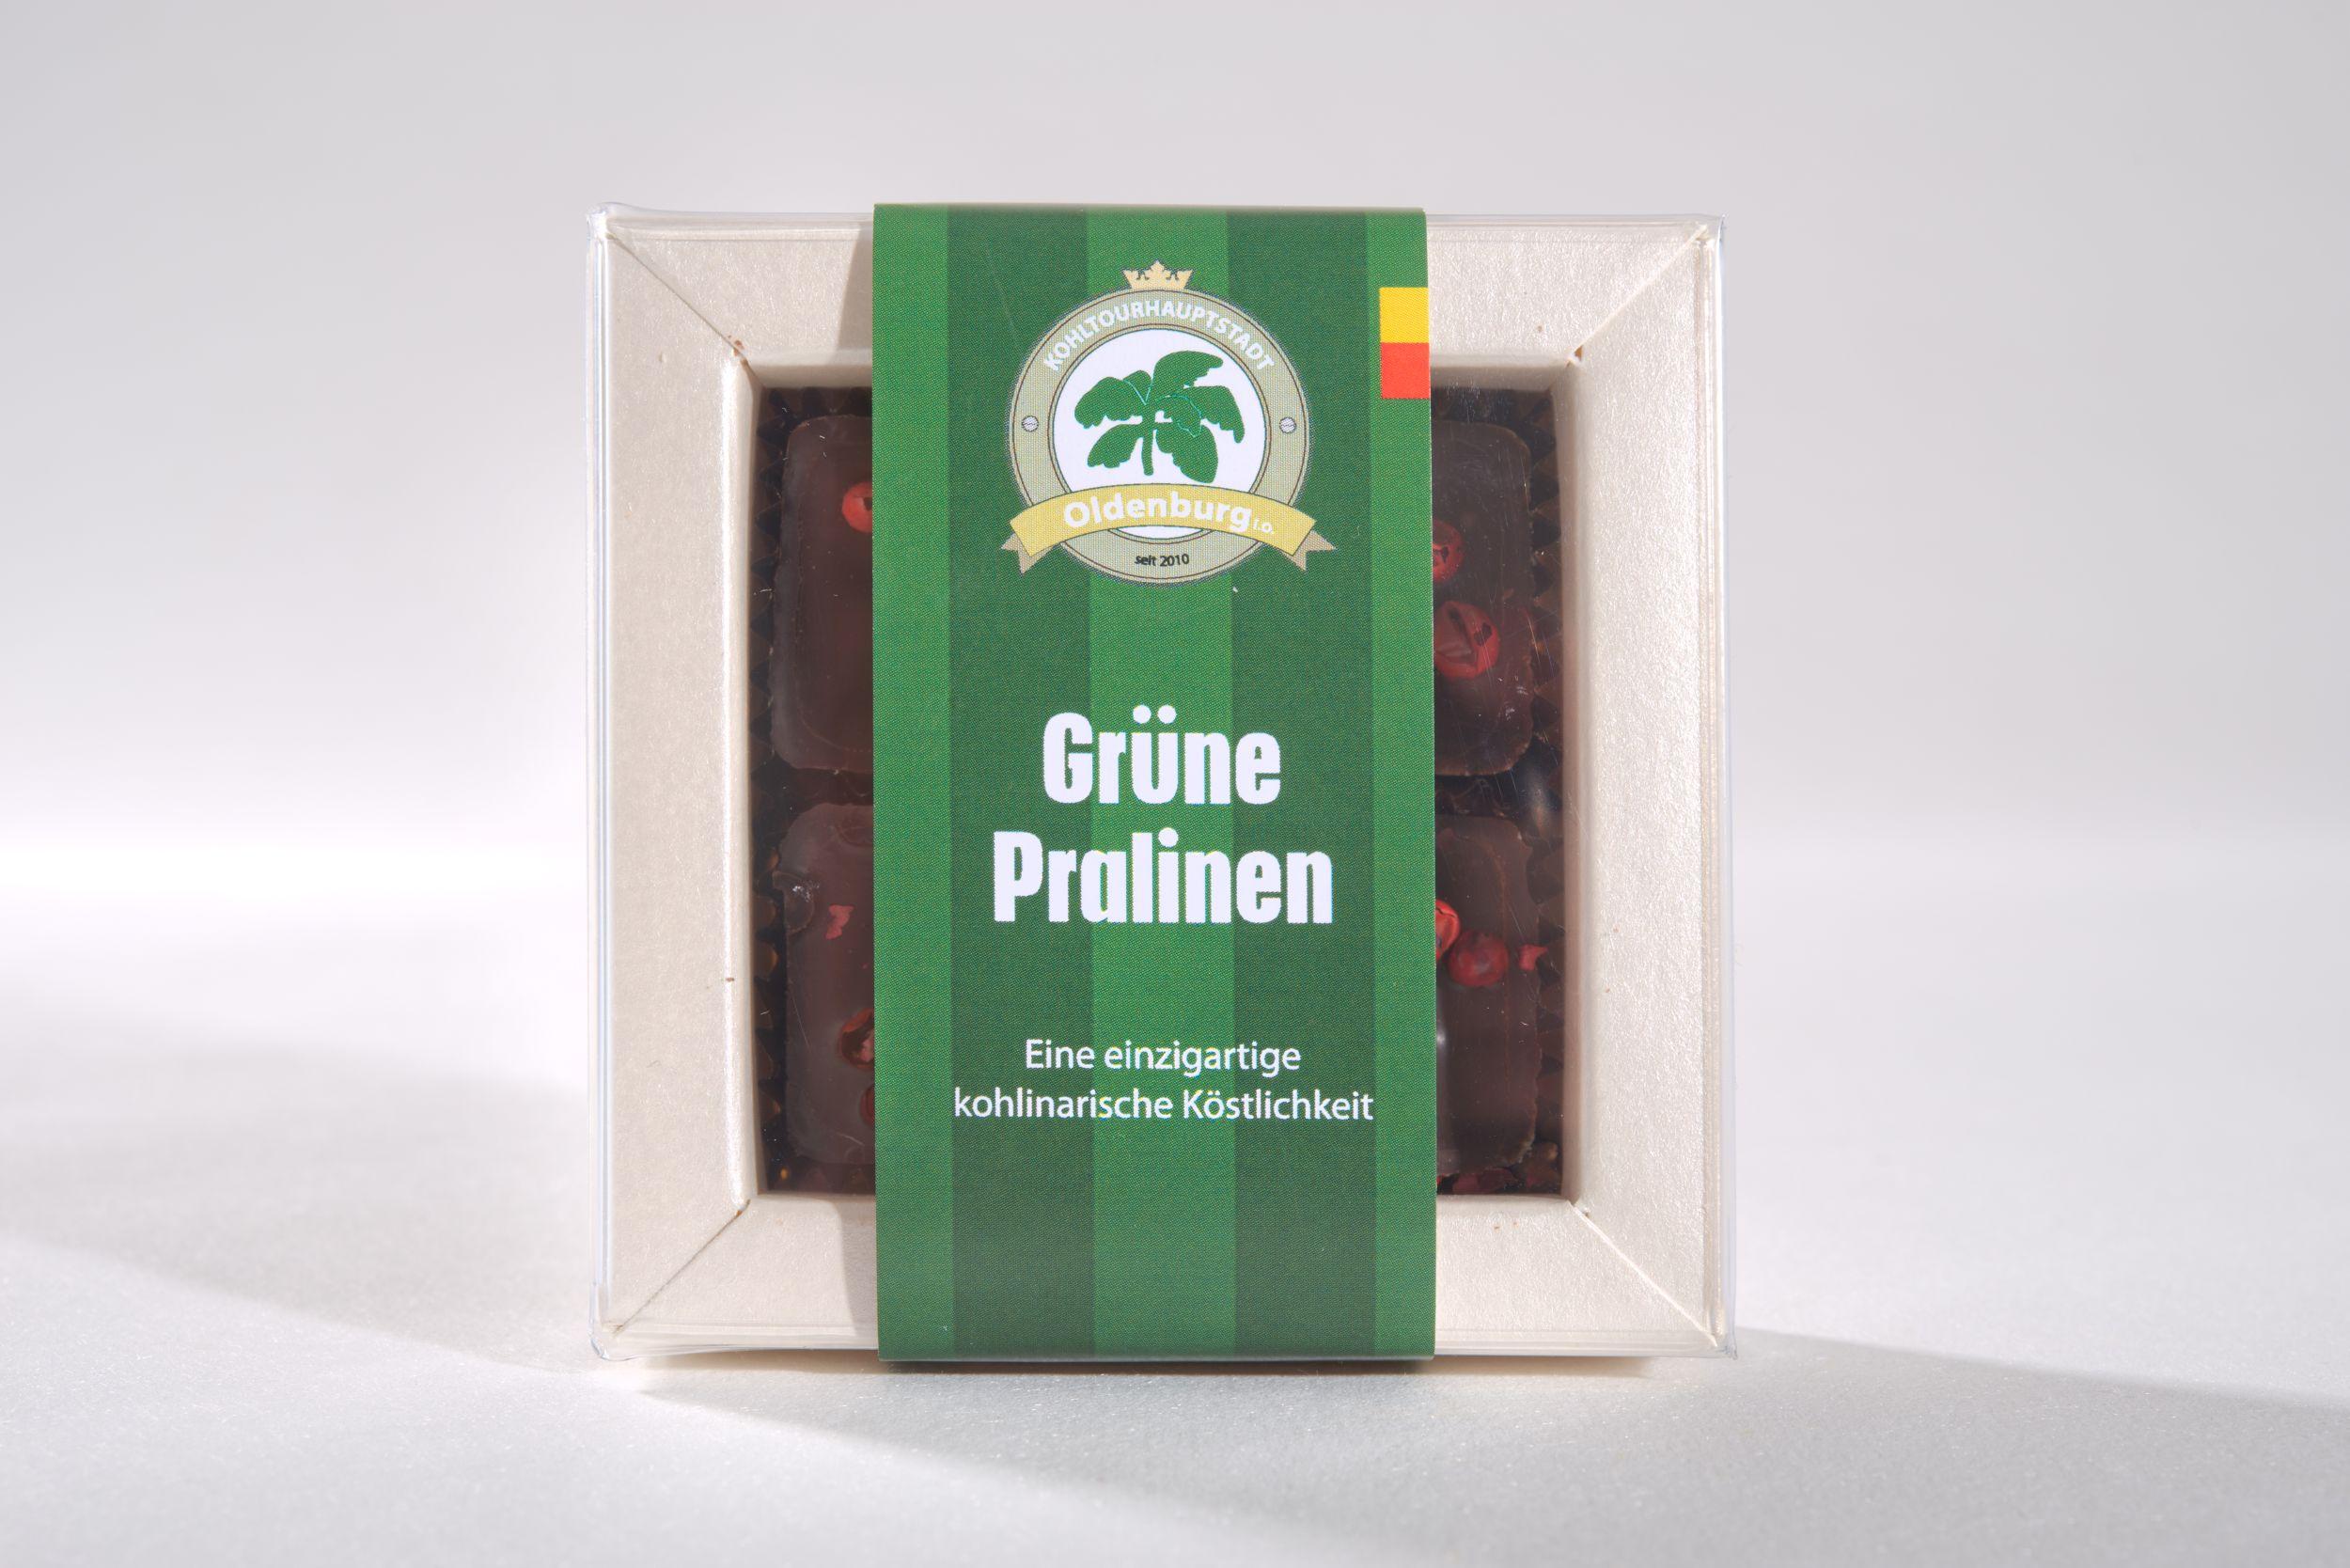 Feinste Schokoladenpralinen mit einer einzigartigen Füllung aus italienischen Grünkohl, Kuvertüre, Sahne, Butter, Weizenkorn und rosa Pfeffer- ein kohlinarischer Hochgenuss für Ihren Gaumen